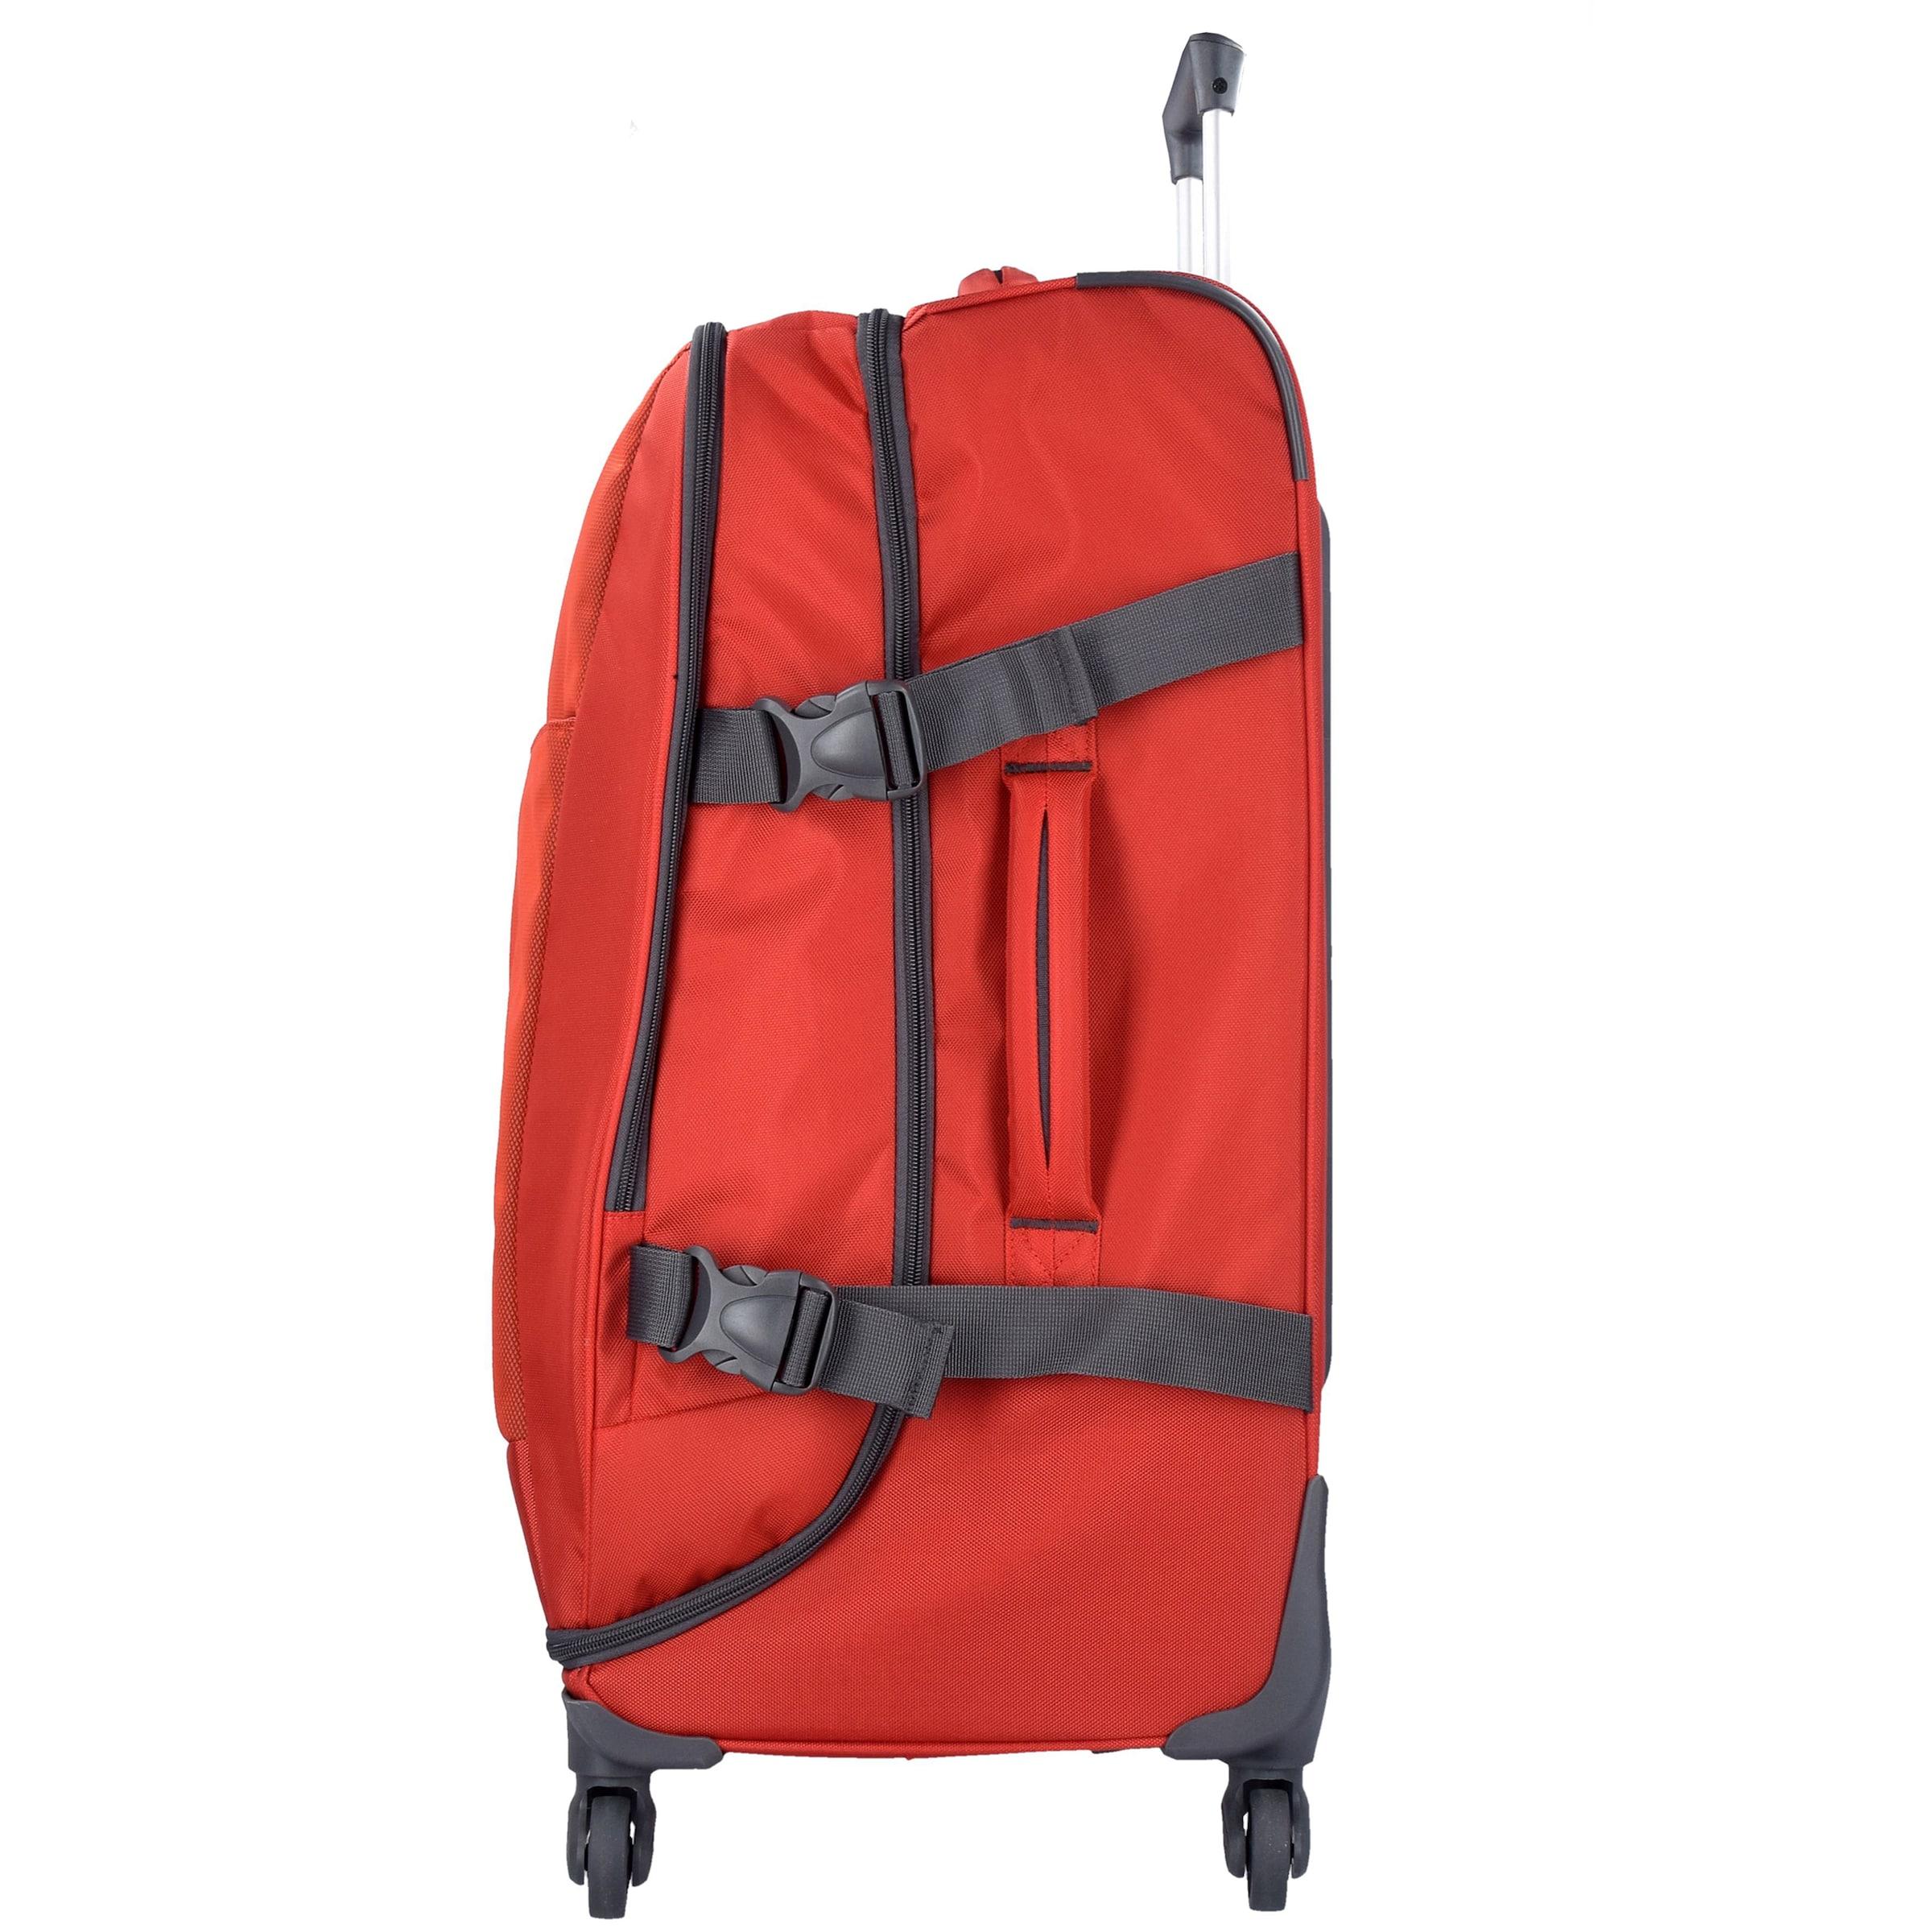 Freies Verschiffen Wahl Viele Arten Von Zum Verkauf SAMSONITE 4Mation Spinner 4-Rollen Reisetasche 67 cm Angebote Günstigen Preis Spielraum Neueste Klassisch xkVmu9QSF5